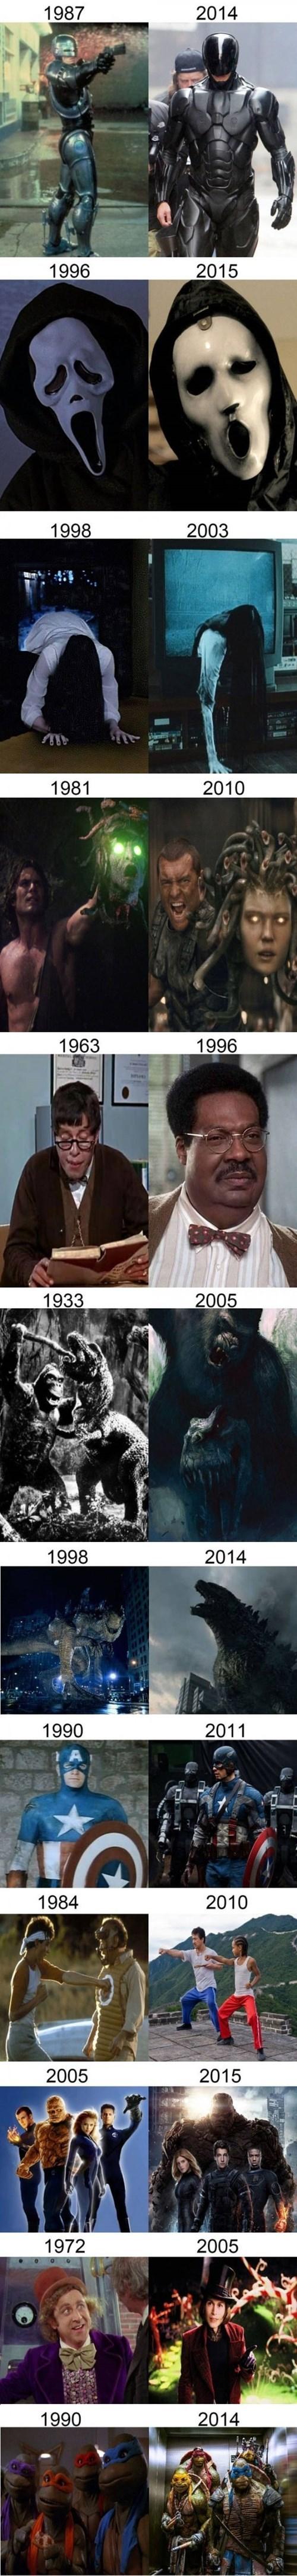 Peliculas antes y ahora